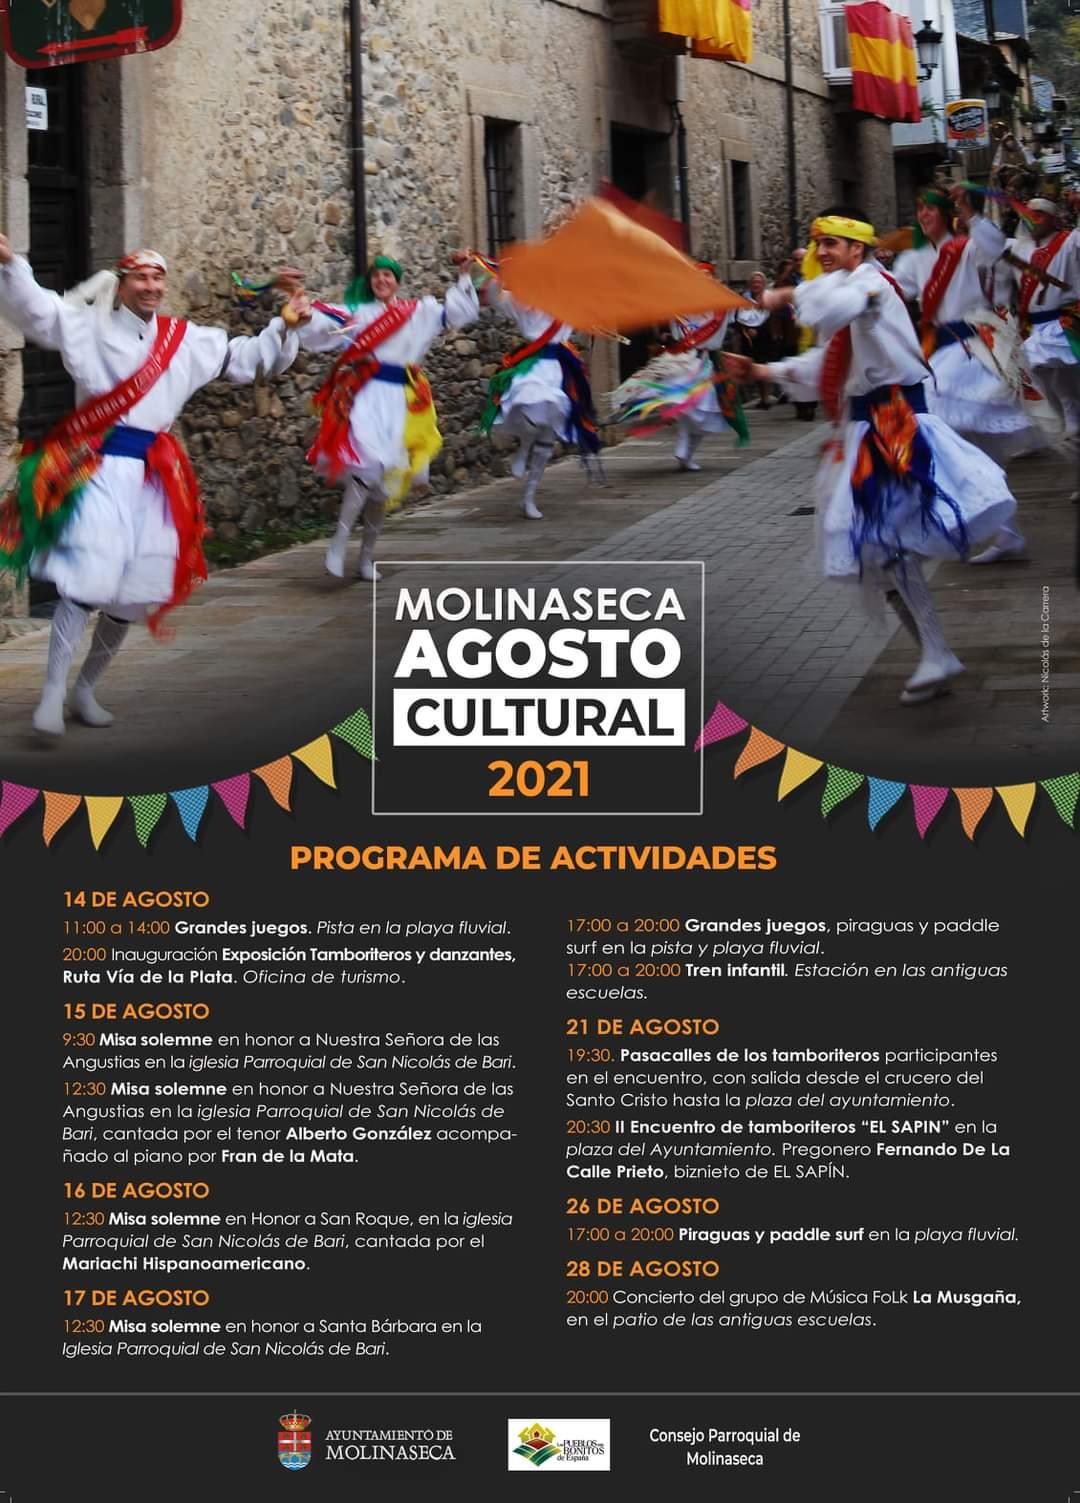 Molinaseca organiza unas fiestas 'sin agua' pero con actividades culturales 2